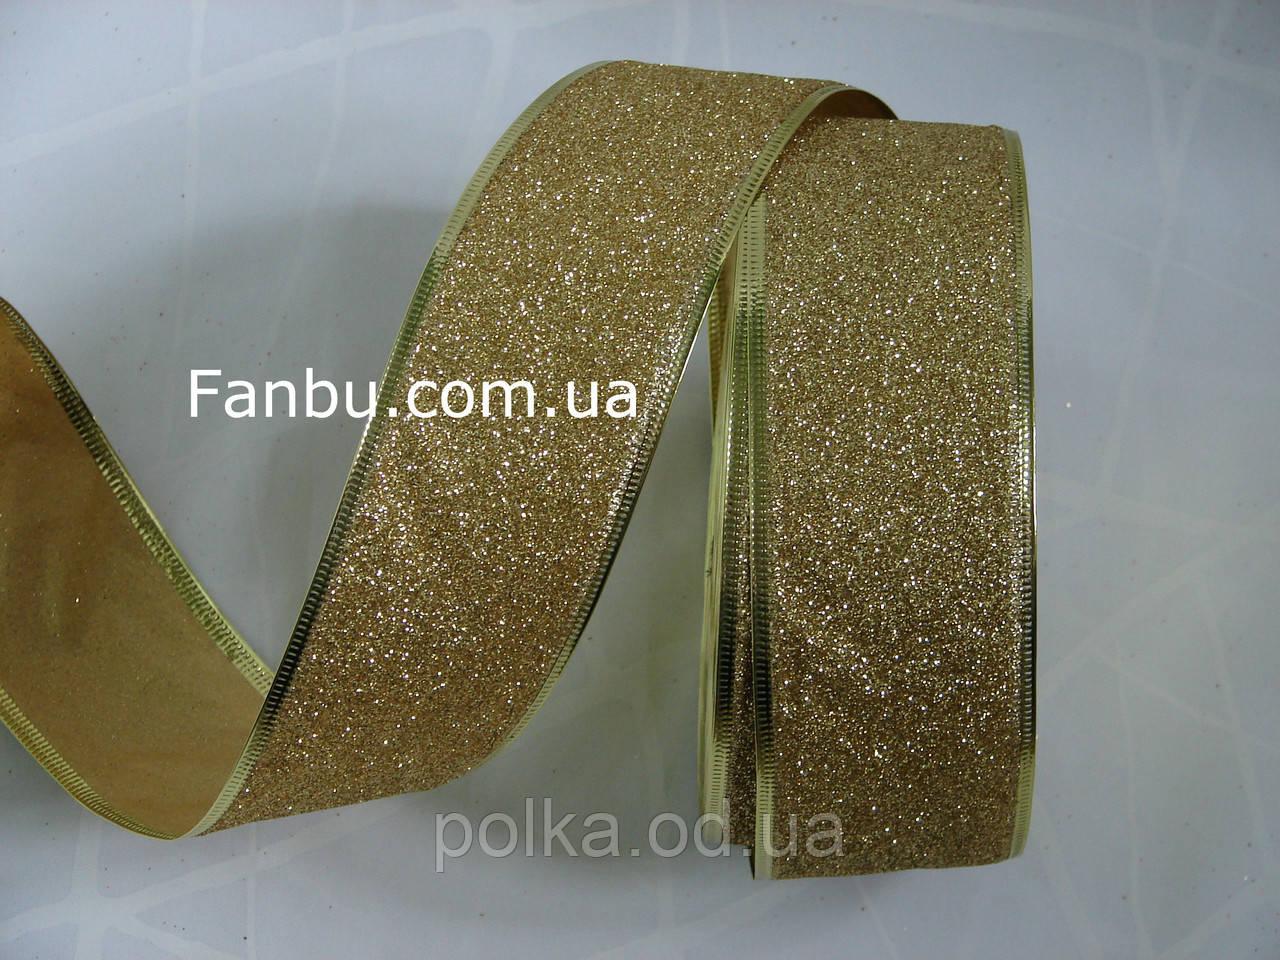 Новогодняя блестящая золотая лента с глитером для бантов с проволочным краем 1уп-45м( 6 см)